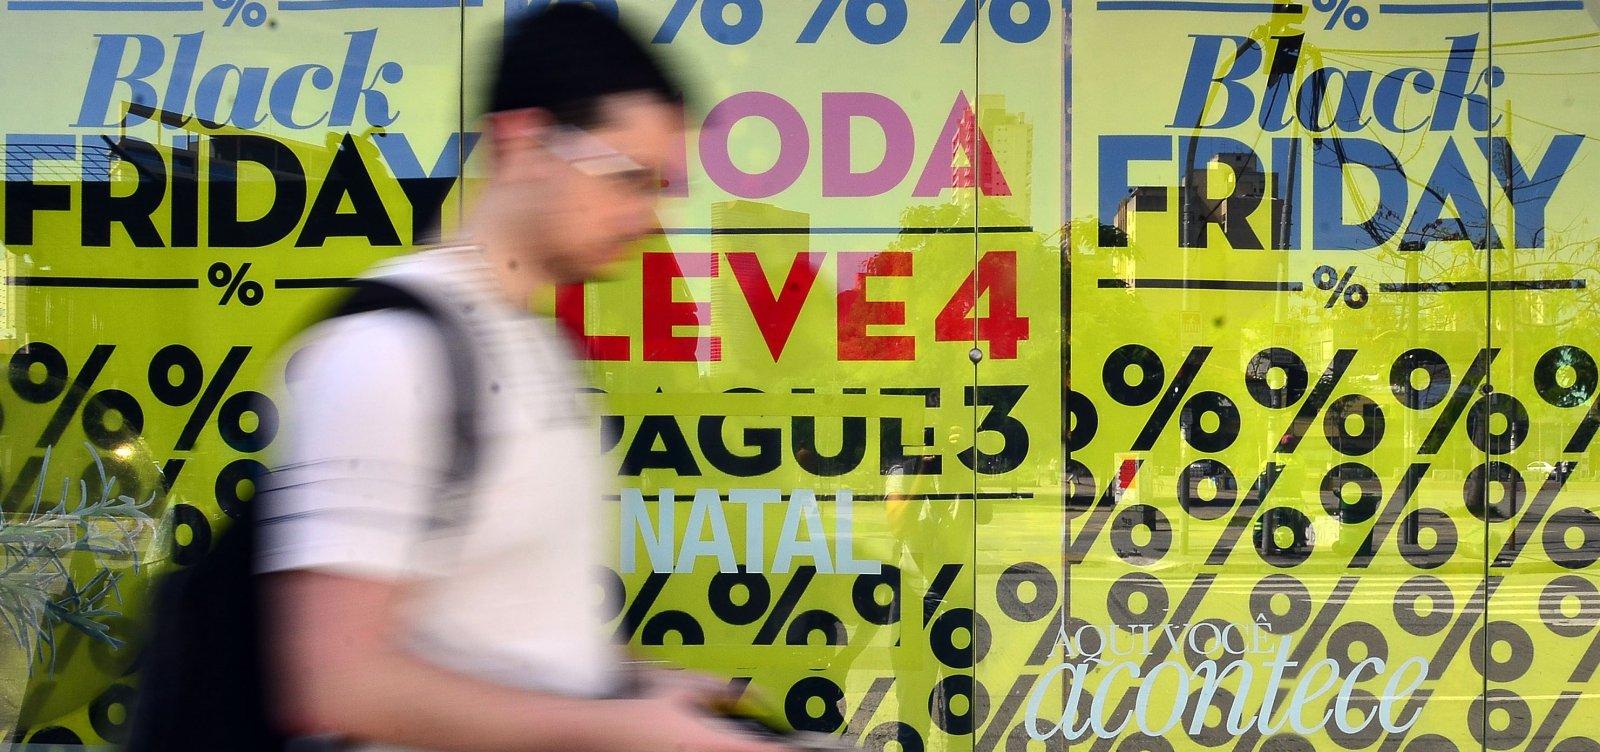 Buscas por 'Black Friday' crescem 68% em relação a 2018